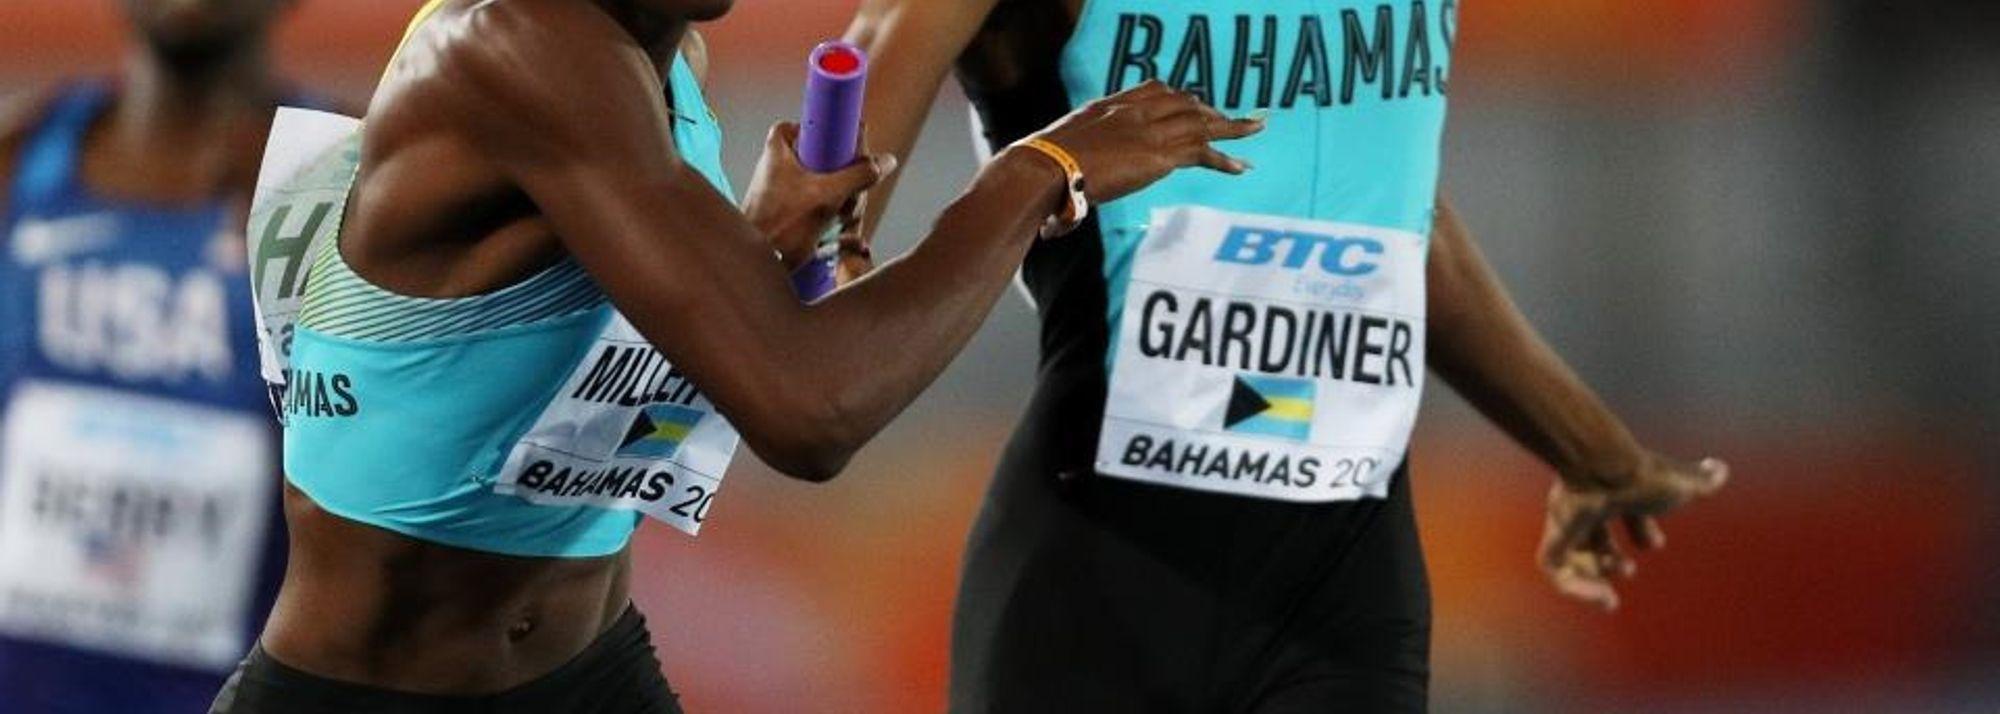 Mixed 4x400m final – IAAF/BTC World Relays Bahamas 2017